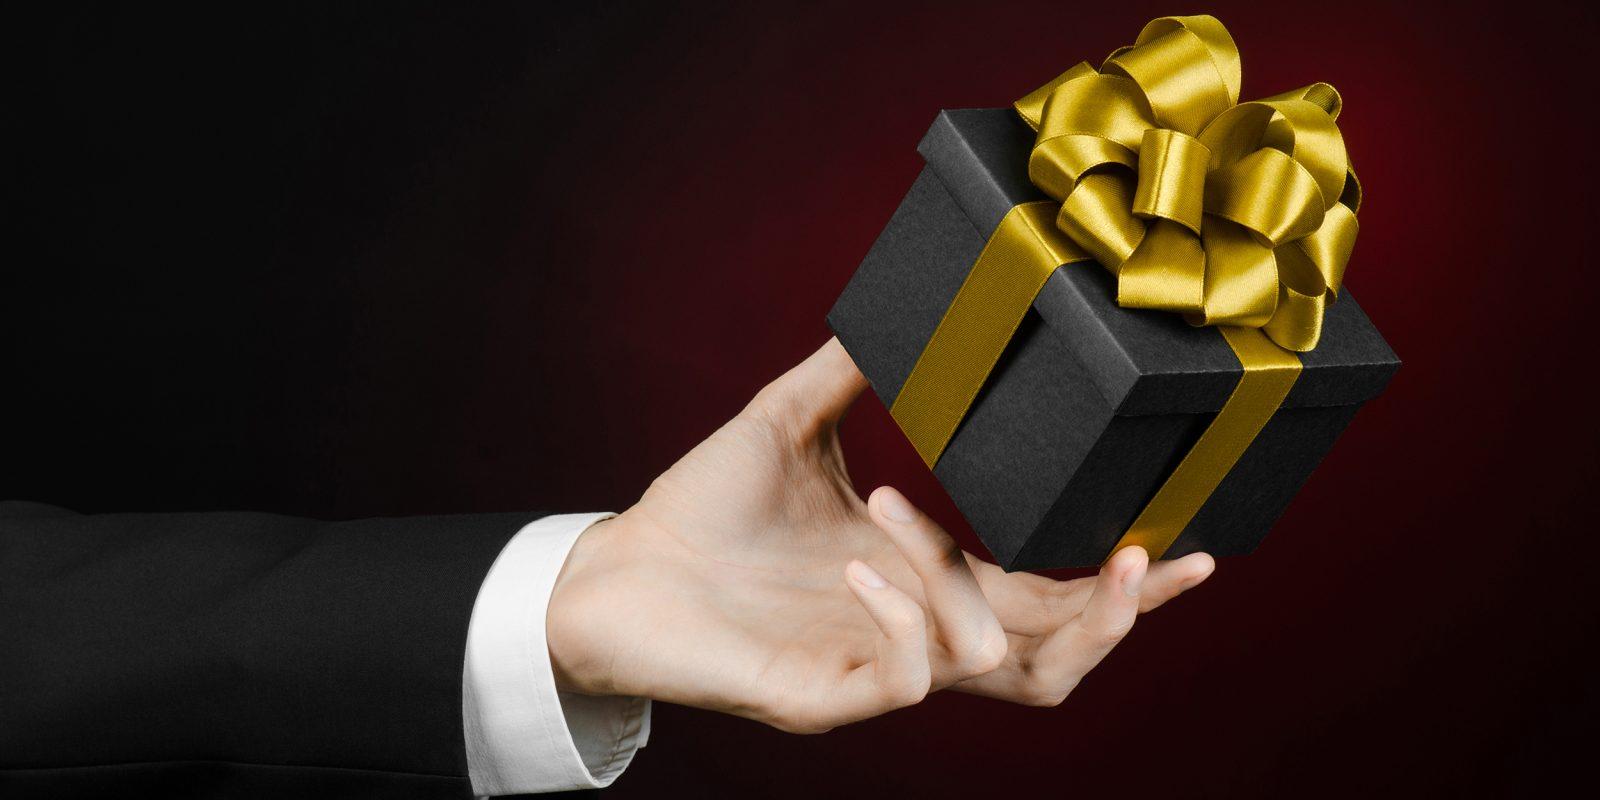 12 лучших подарков для мужчин по мнению самих мужчин